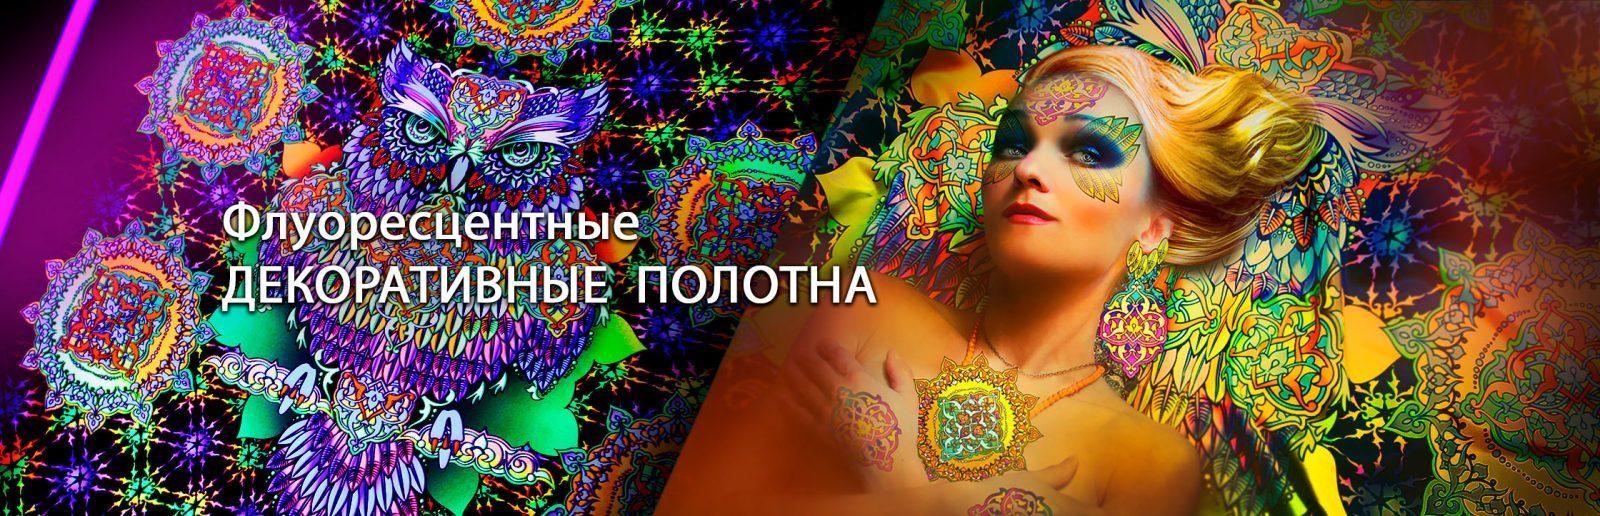 Флуоресцентные фоны и декоративные полотна